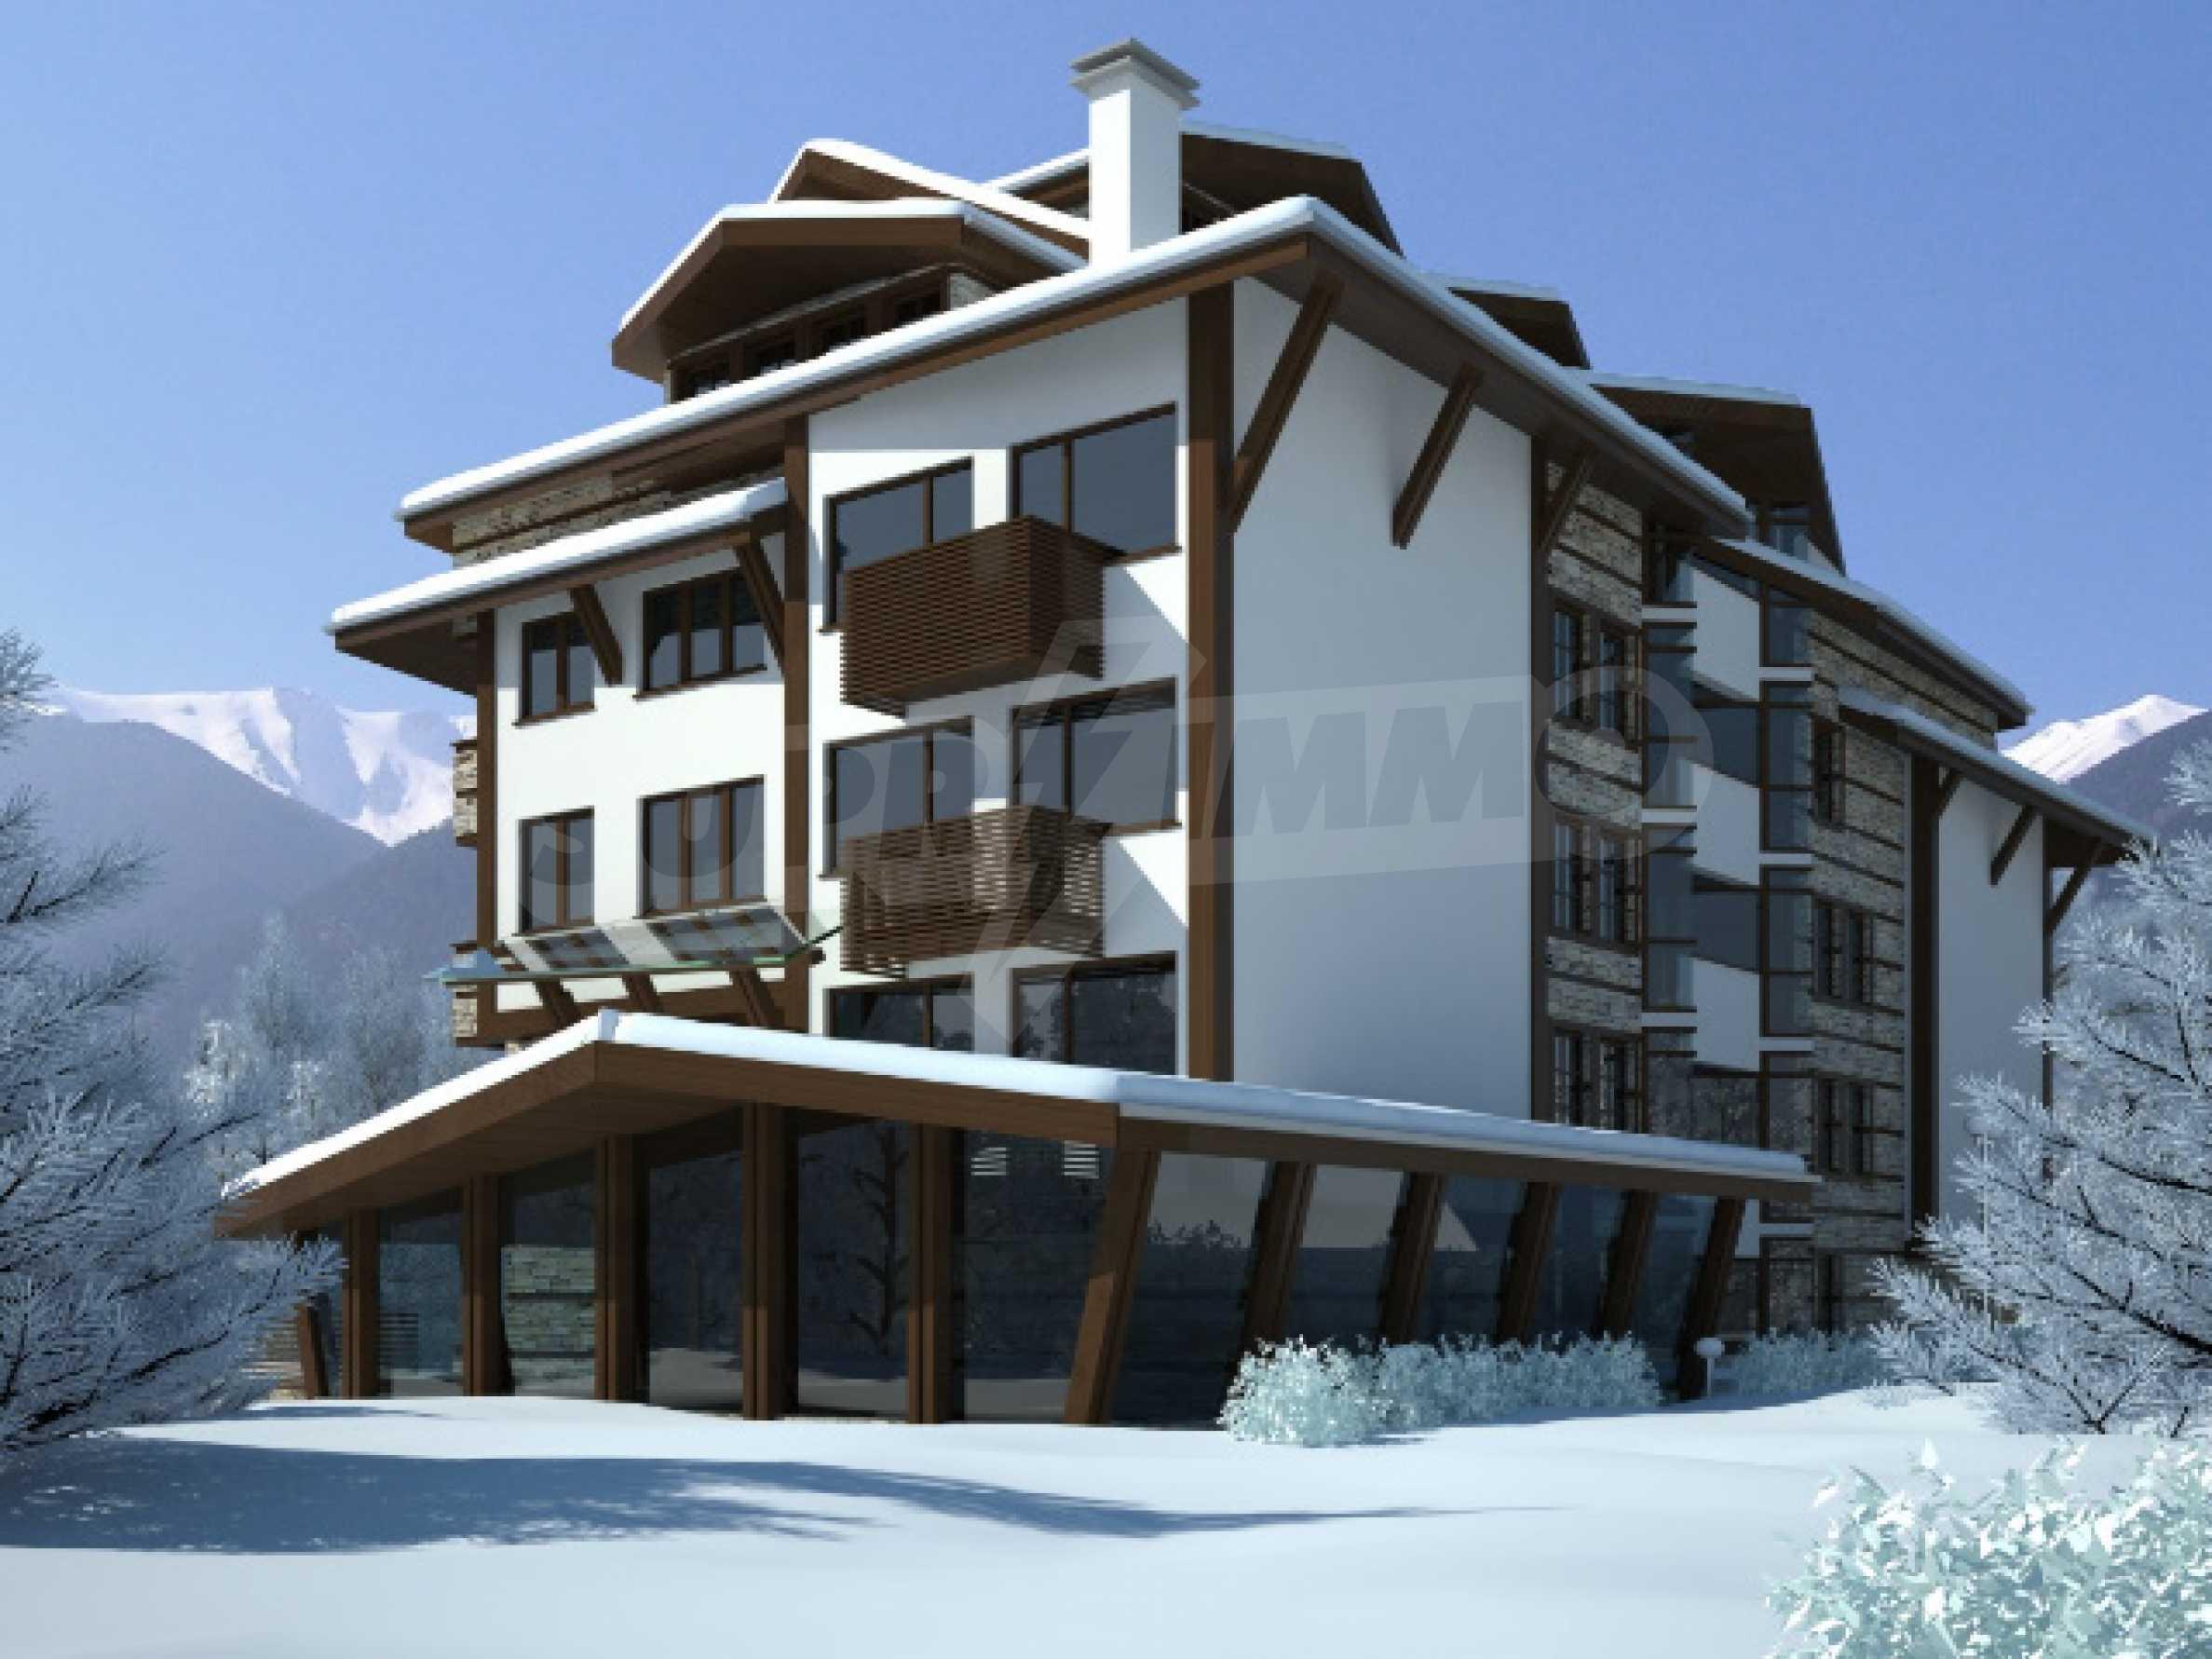 Chateau Blanc (Шато Блан): Возможно лучшая возможность для инвестиции в Банско 2